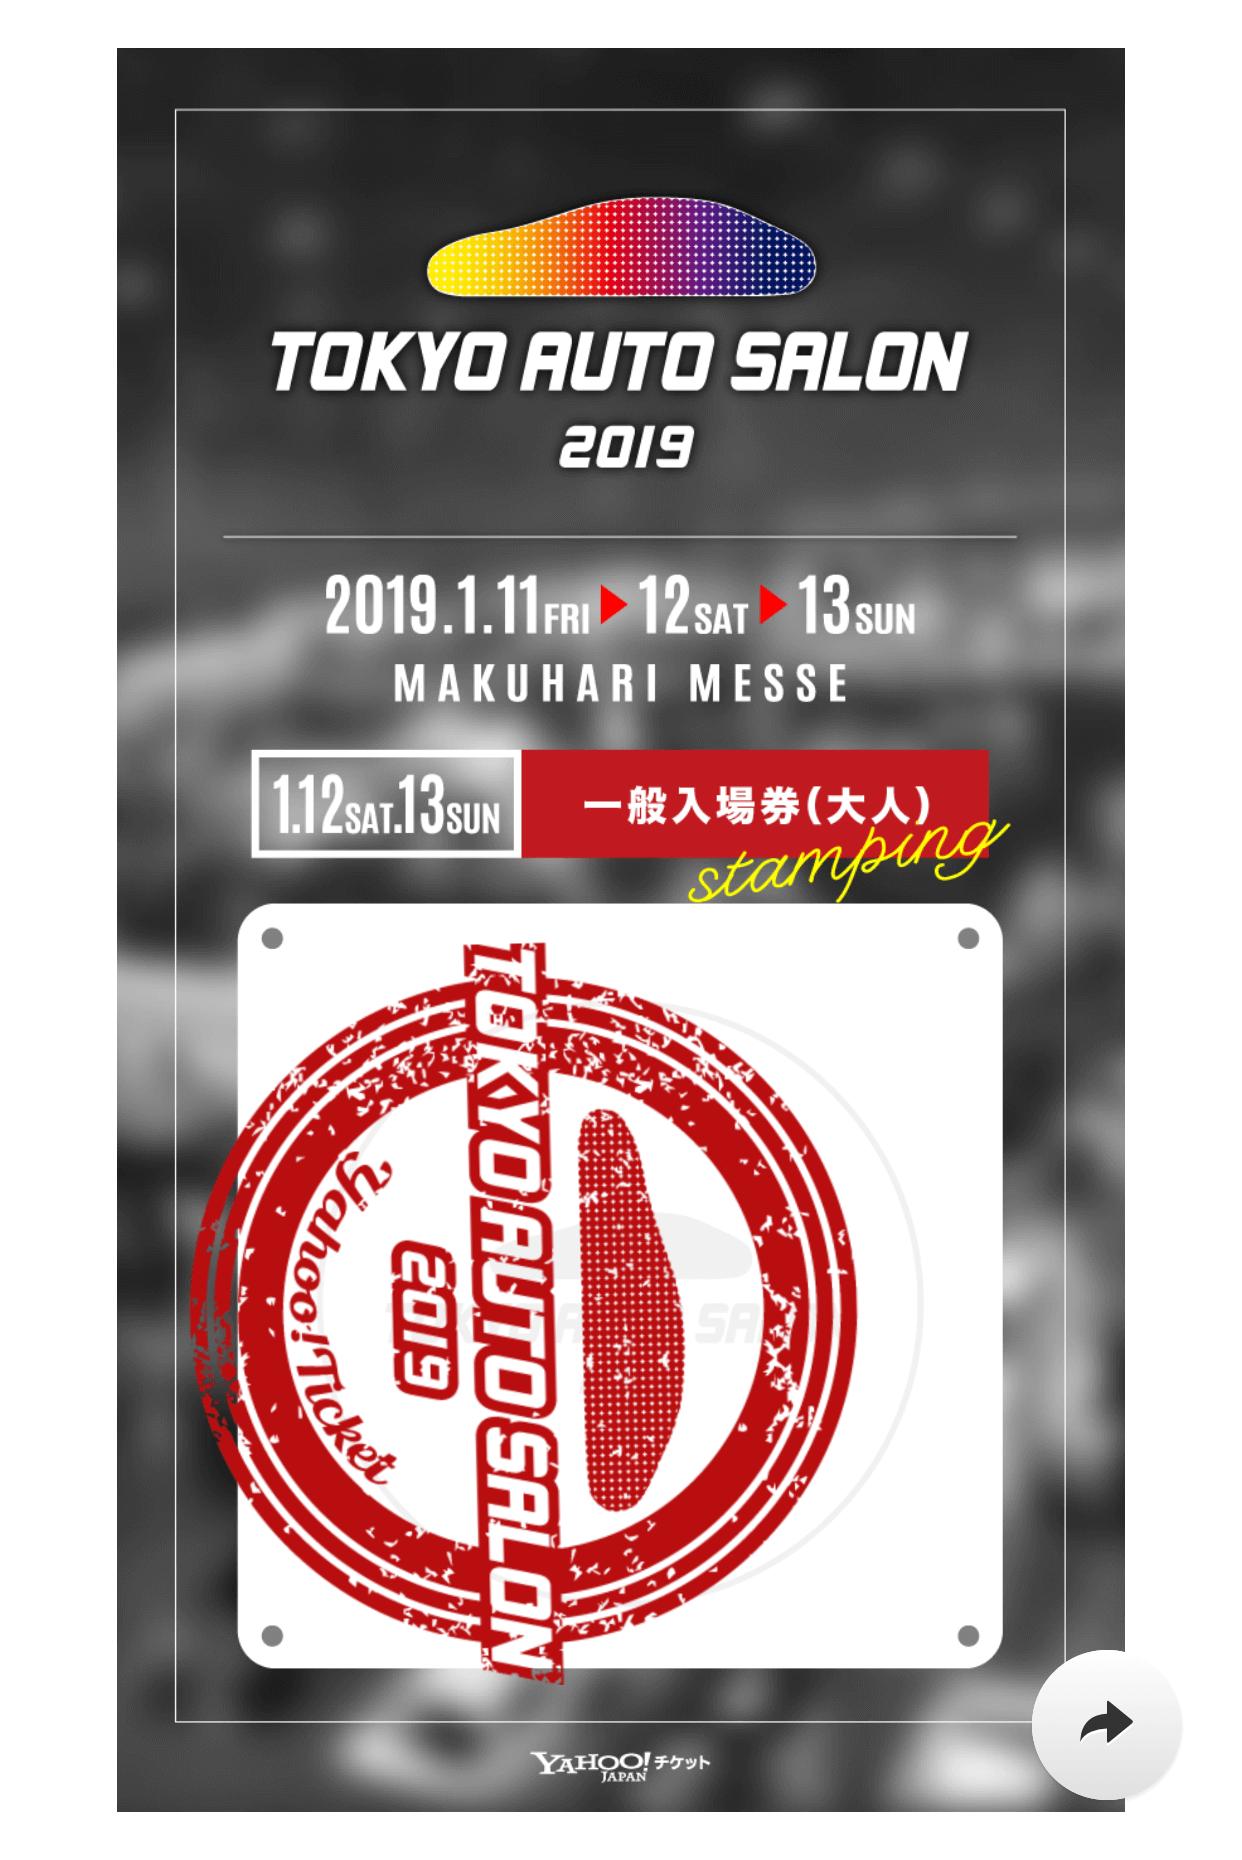 2019東京オートサロン(TAS) 電子チケット